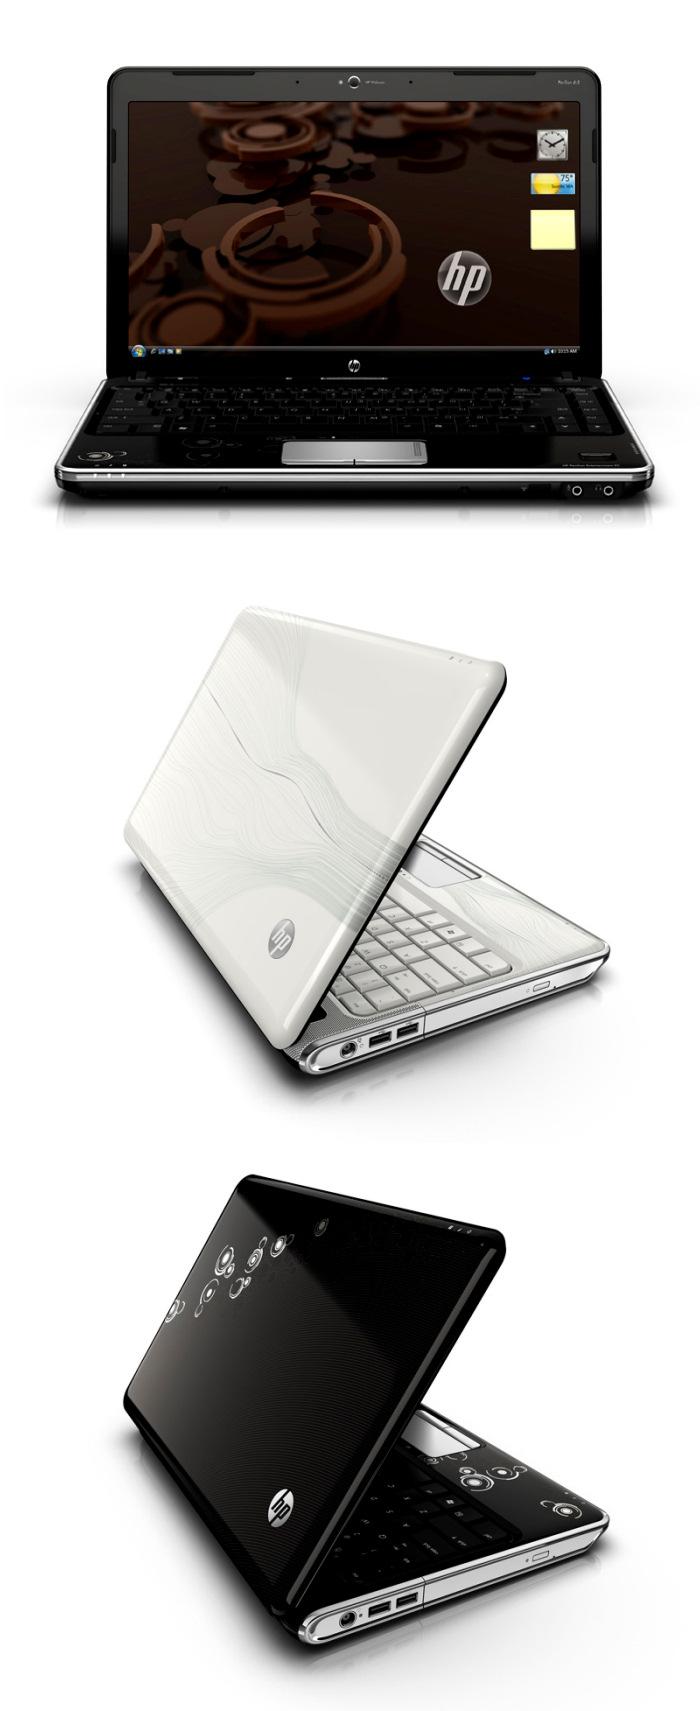 HP lanza el DV3 en España a un precio muy atractivo, Imagen 1